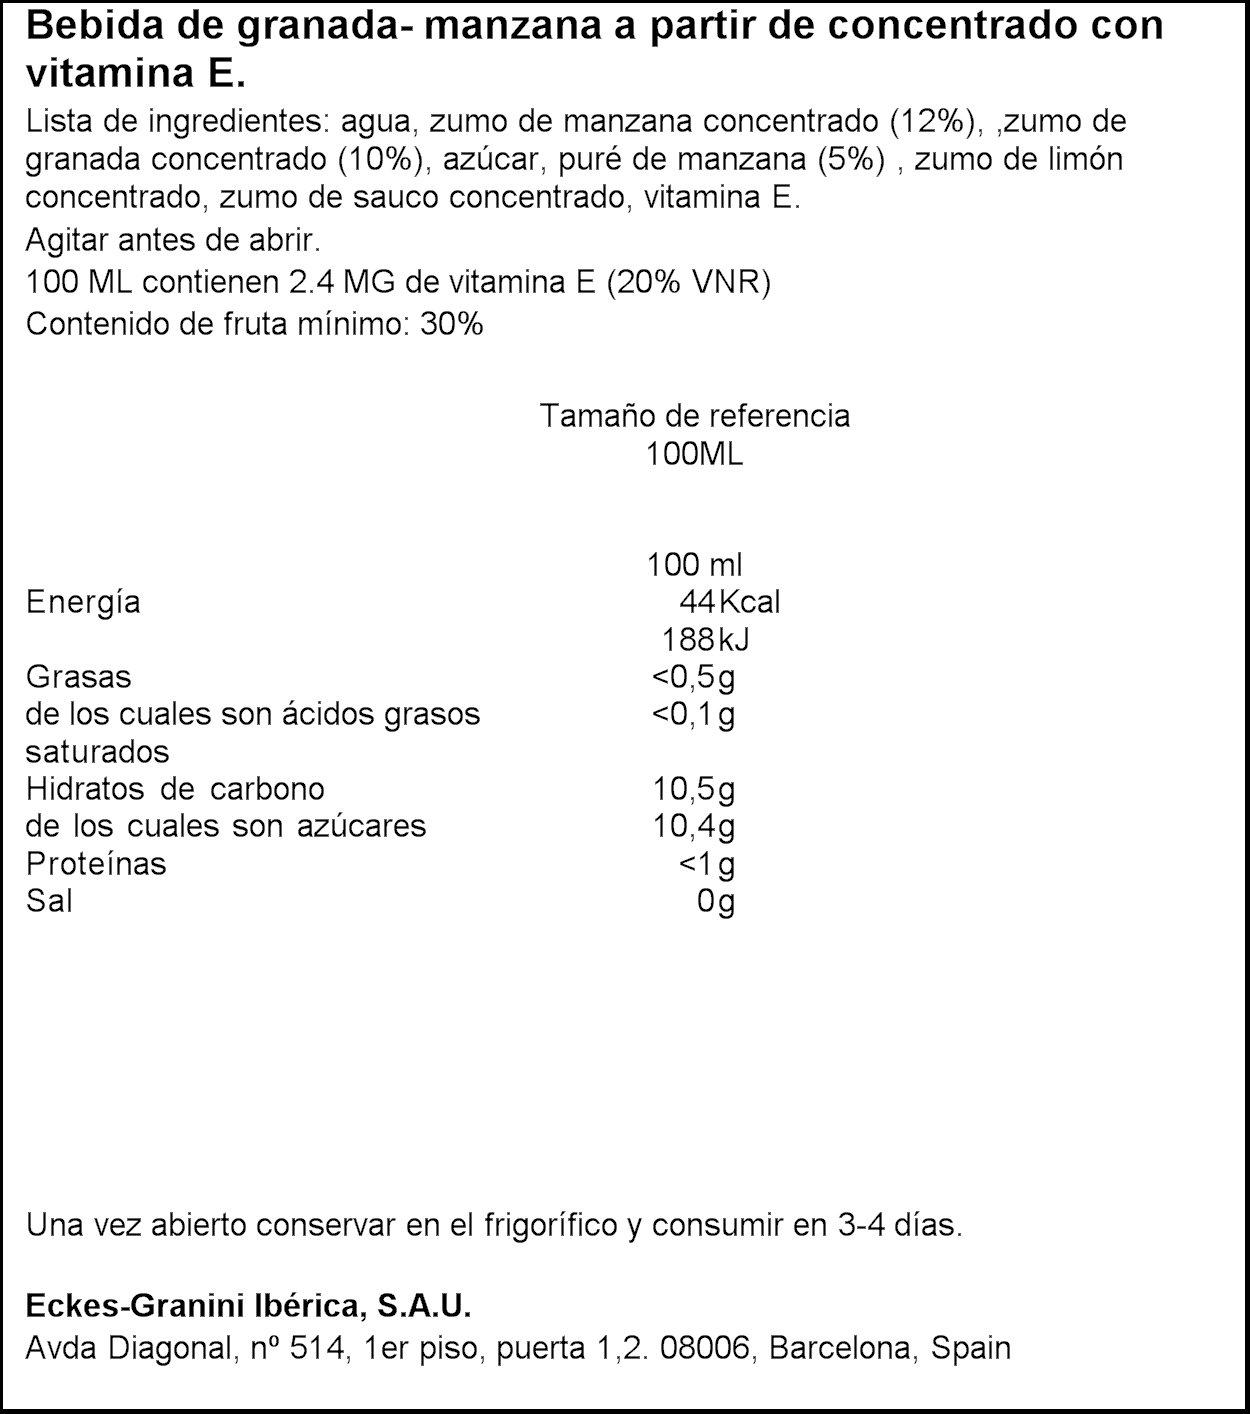 Granini - Granada - Nectar con antioxidantes de la vitamina E - 1 l -, Pack de 6: Amazon.es: Alimentación y bebidas